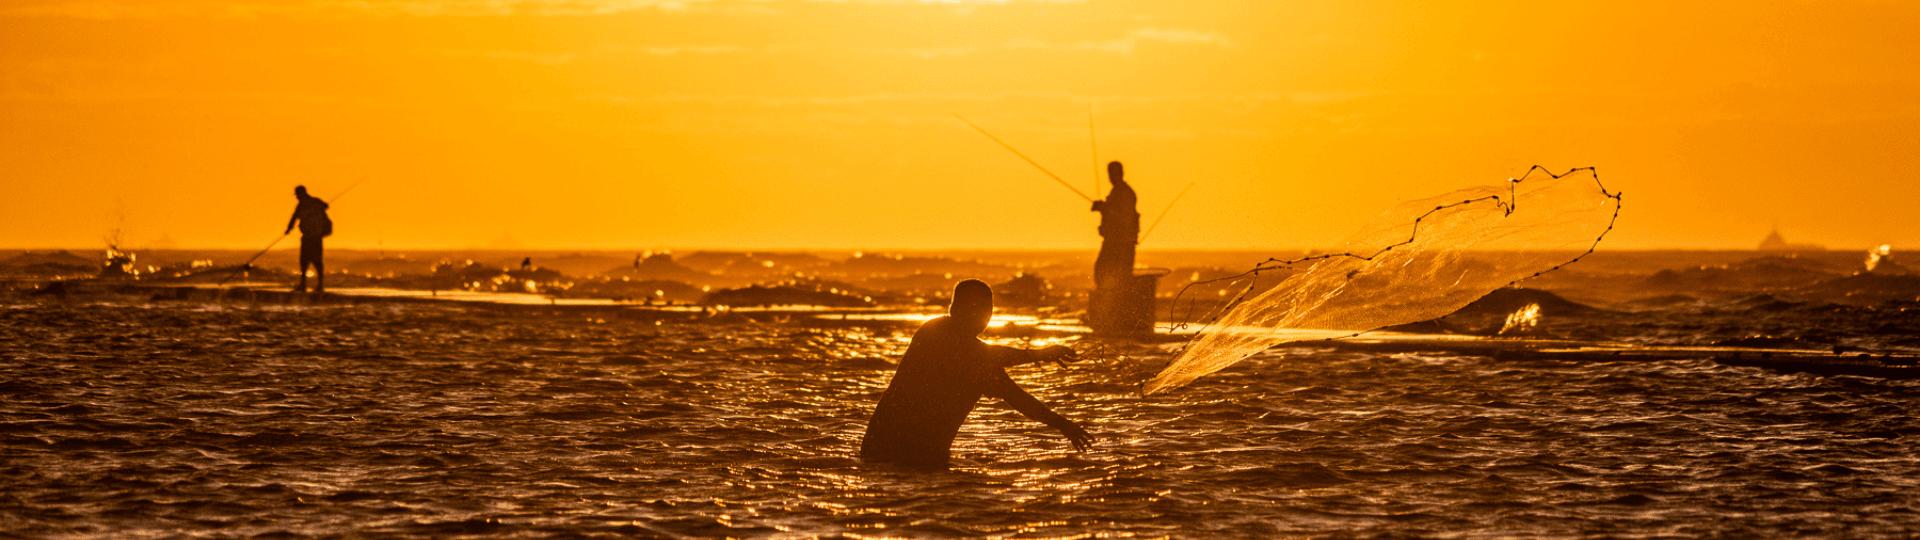 Fishing at sunset in Galveston tx